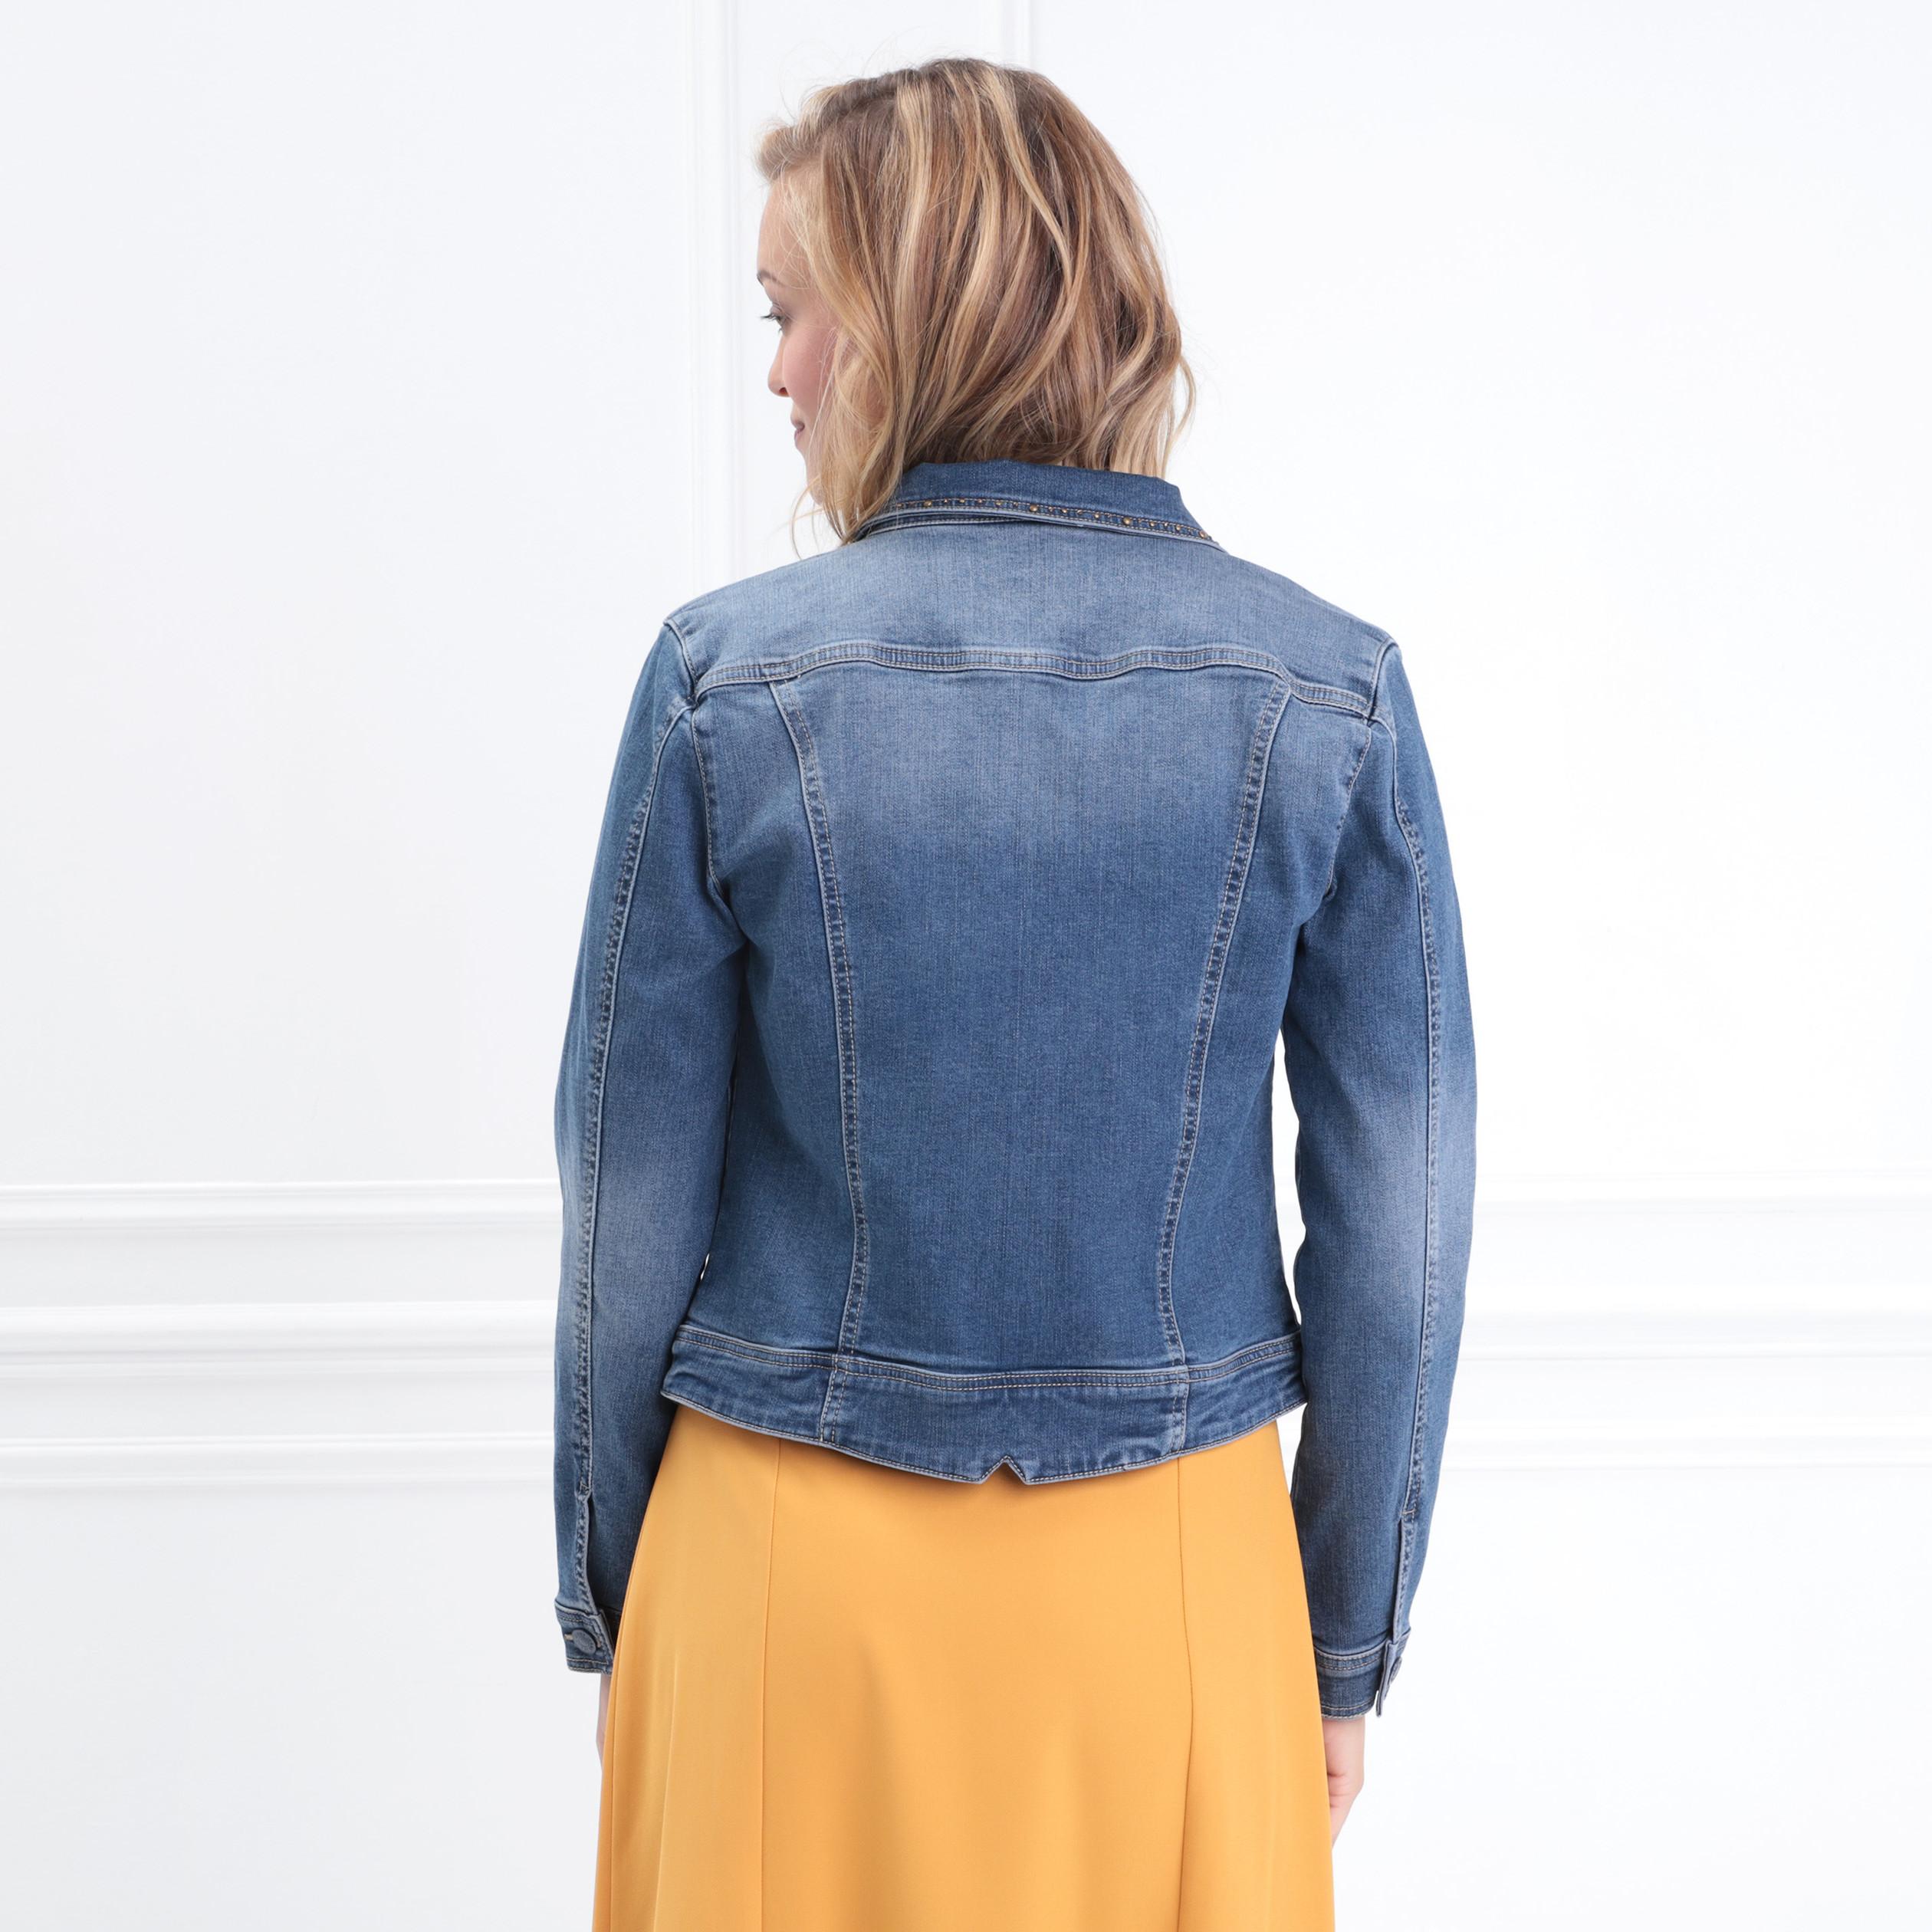 Couleurs variées e5af2 323c5 Veste cintrée en jean denim brut femme